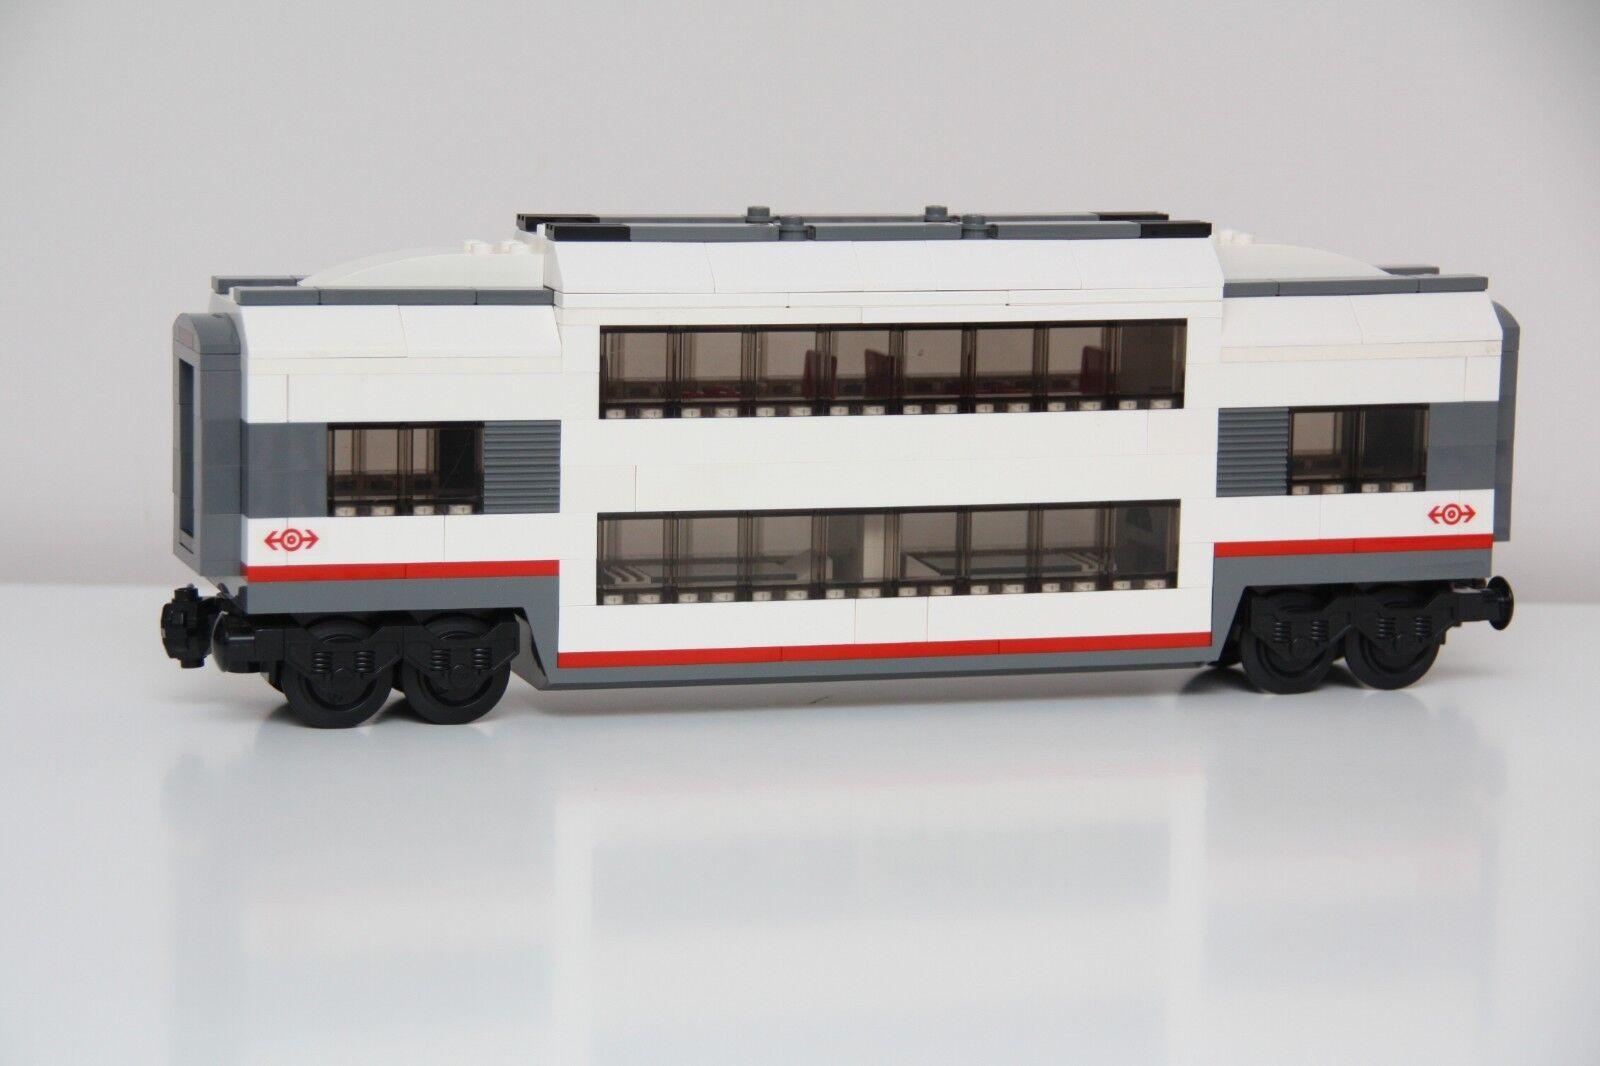 LEGO City Custom Made Passenger Club Car Restaurant Restaurant Restaurant Sleeper Train Carriage 60051 3242f8